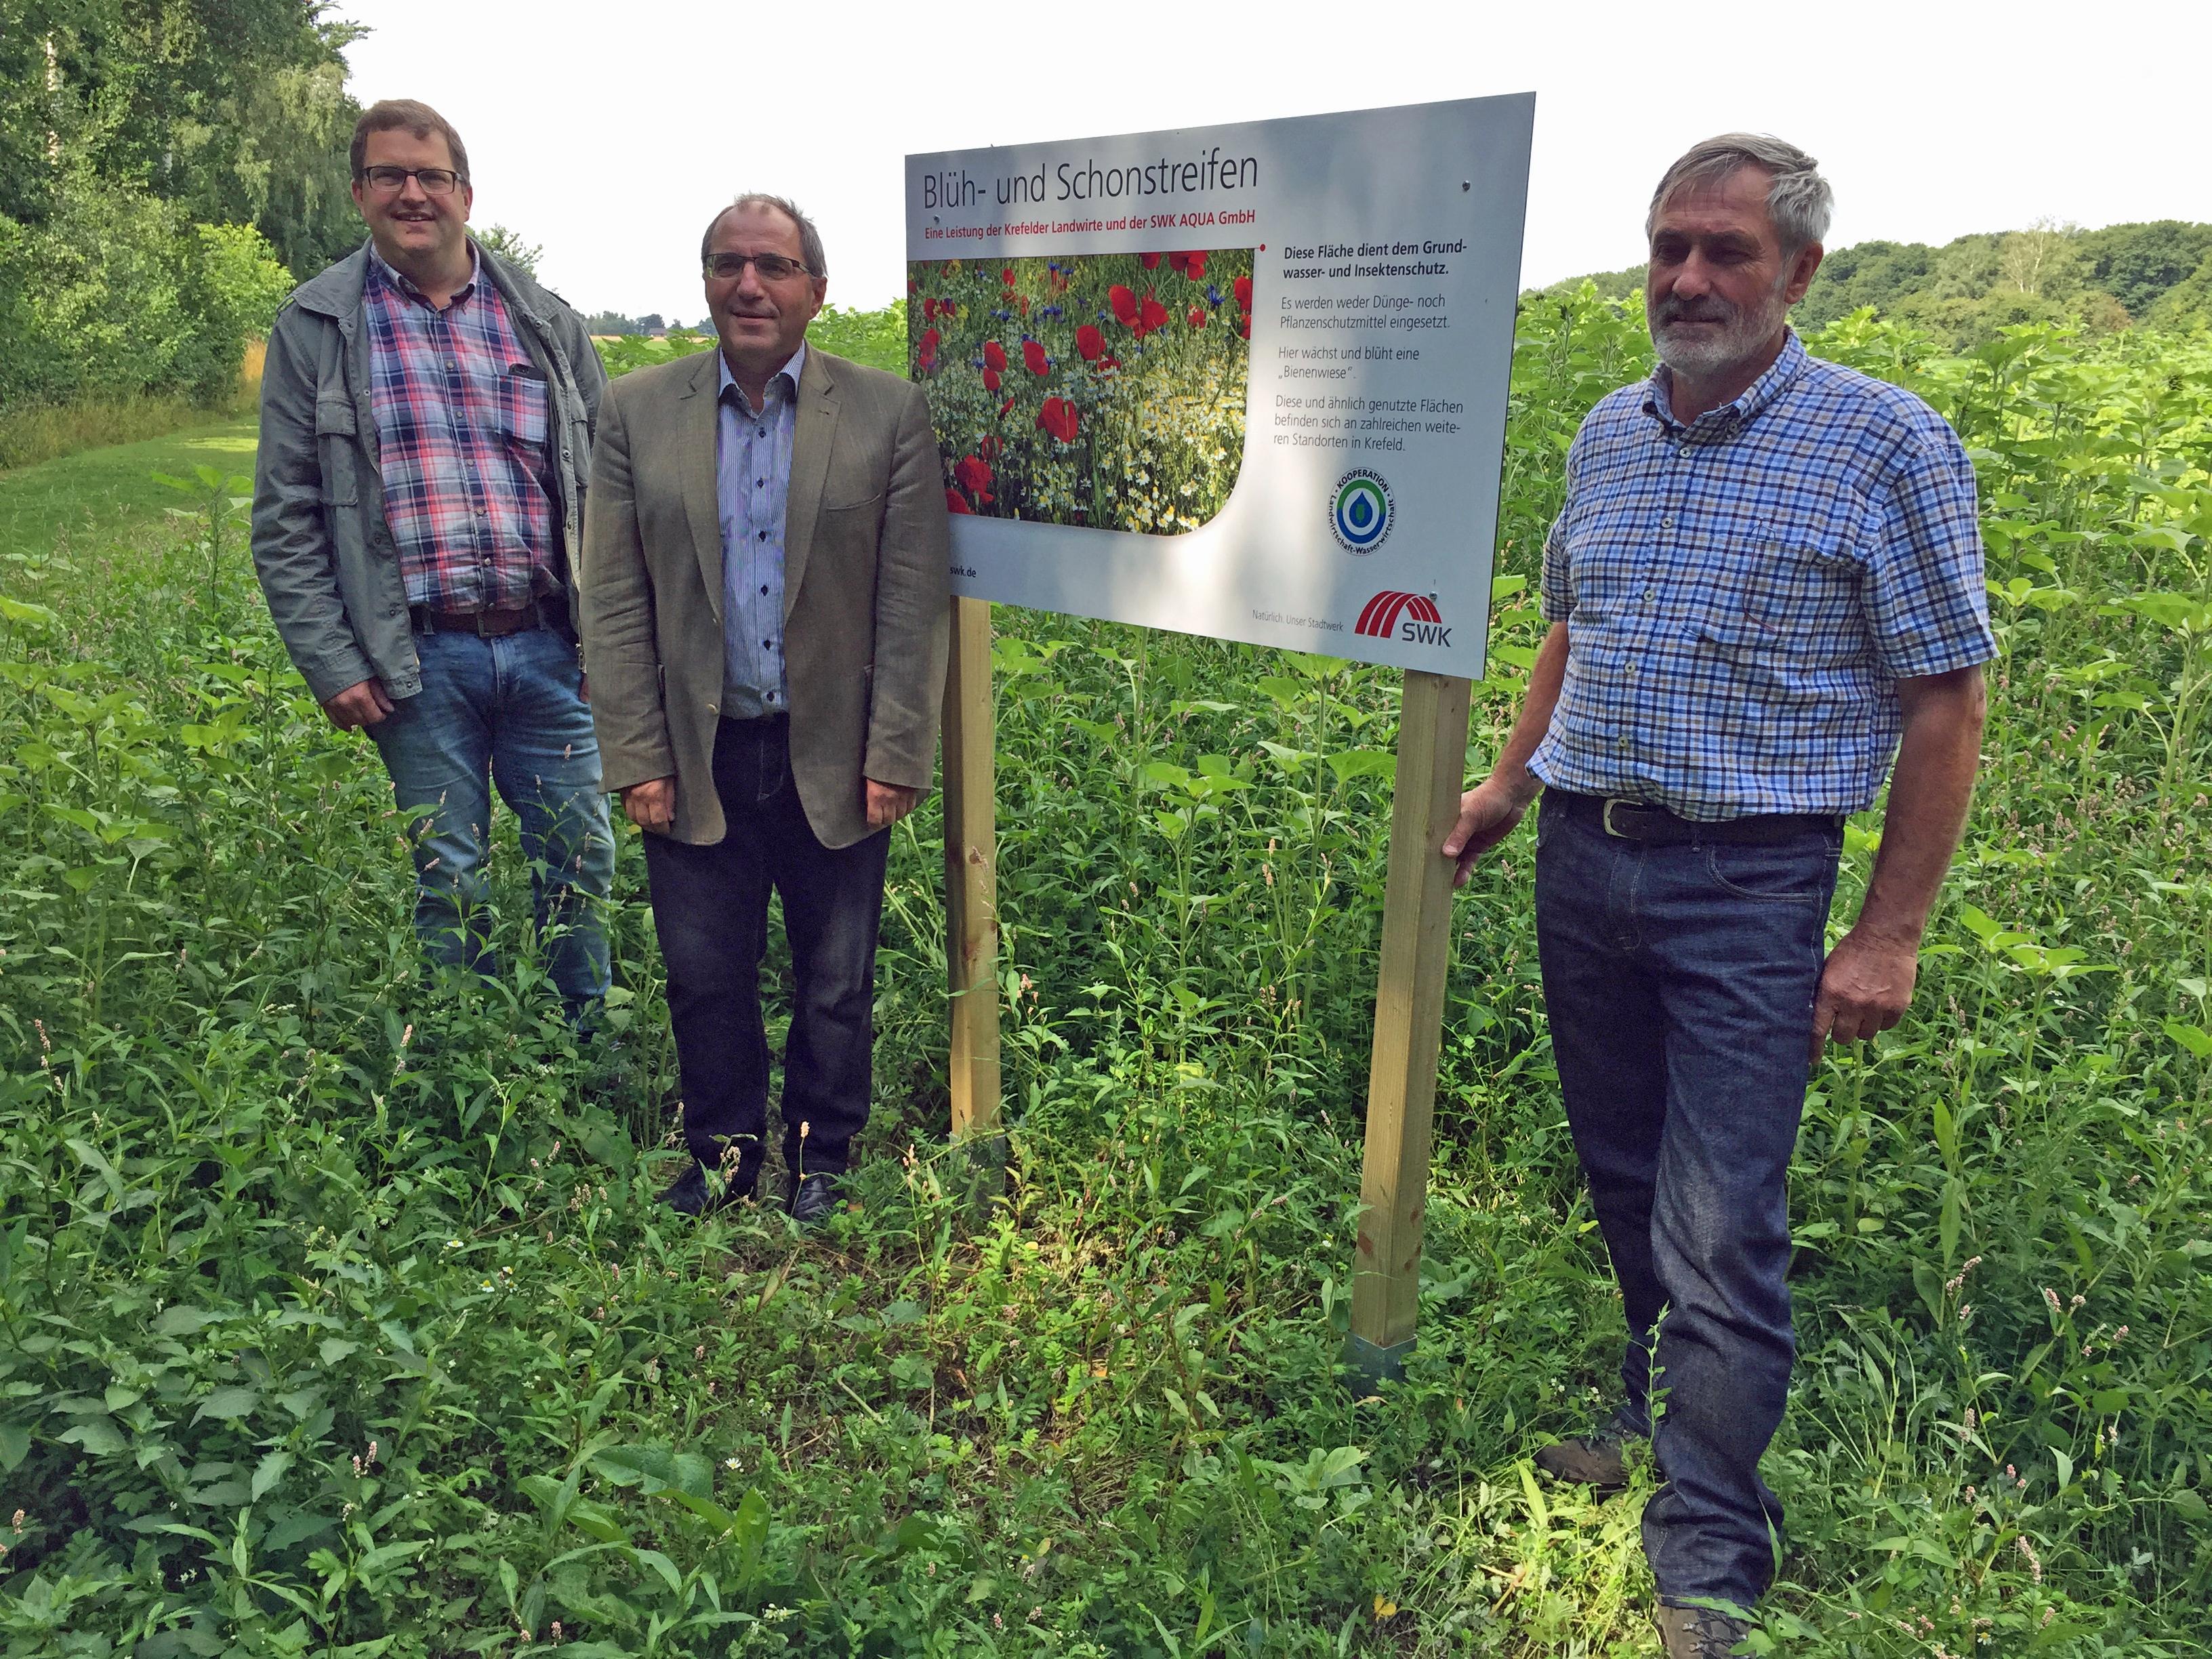 Landwirt Thomas Vennekel, Michael Rögele, Geschäftsführer der SWK Aqua und Landwirt Heinz-Albert Schmitz am Blühstreifen am Forstwald.  (Foto: Stadt Krefeld, Presse und Kommunikation)